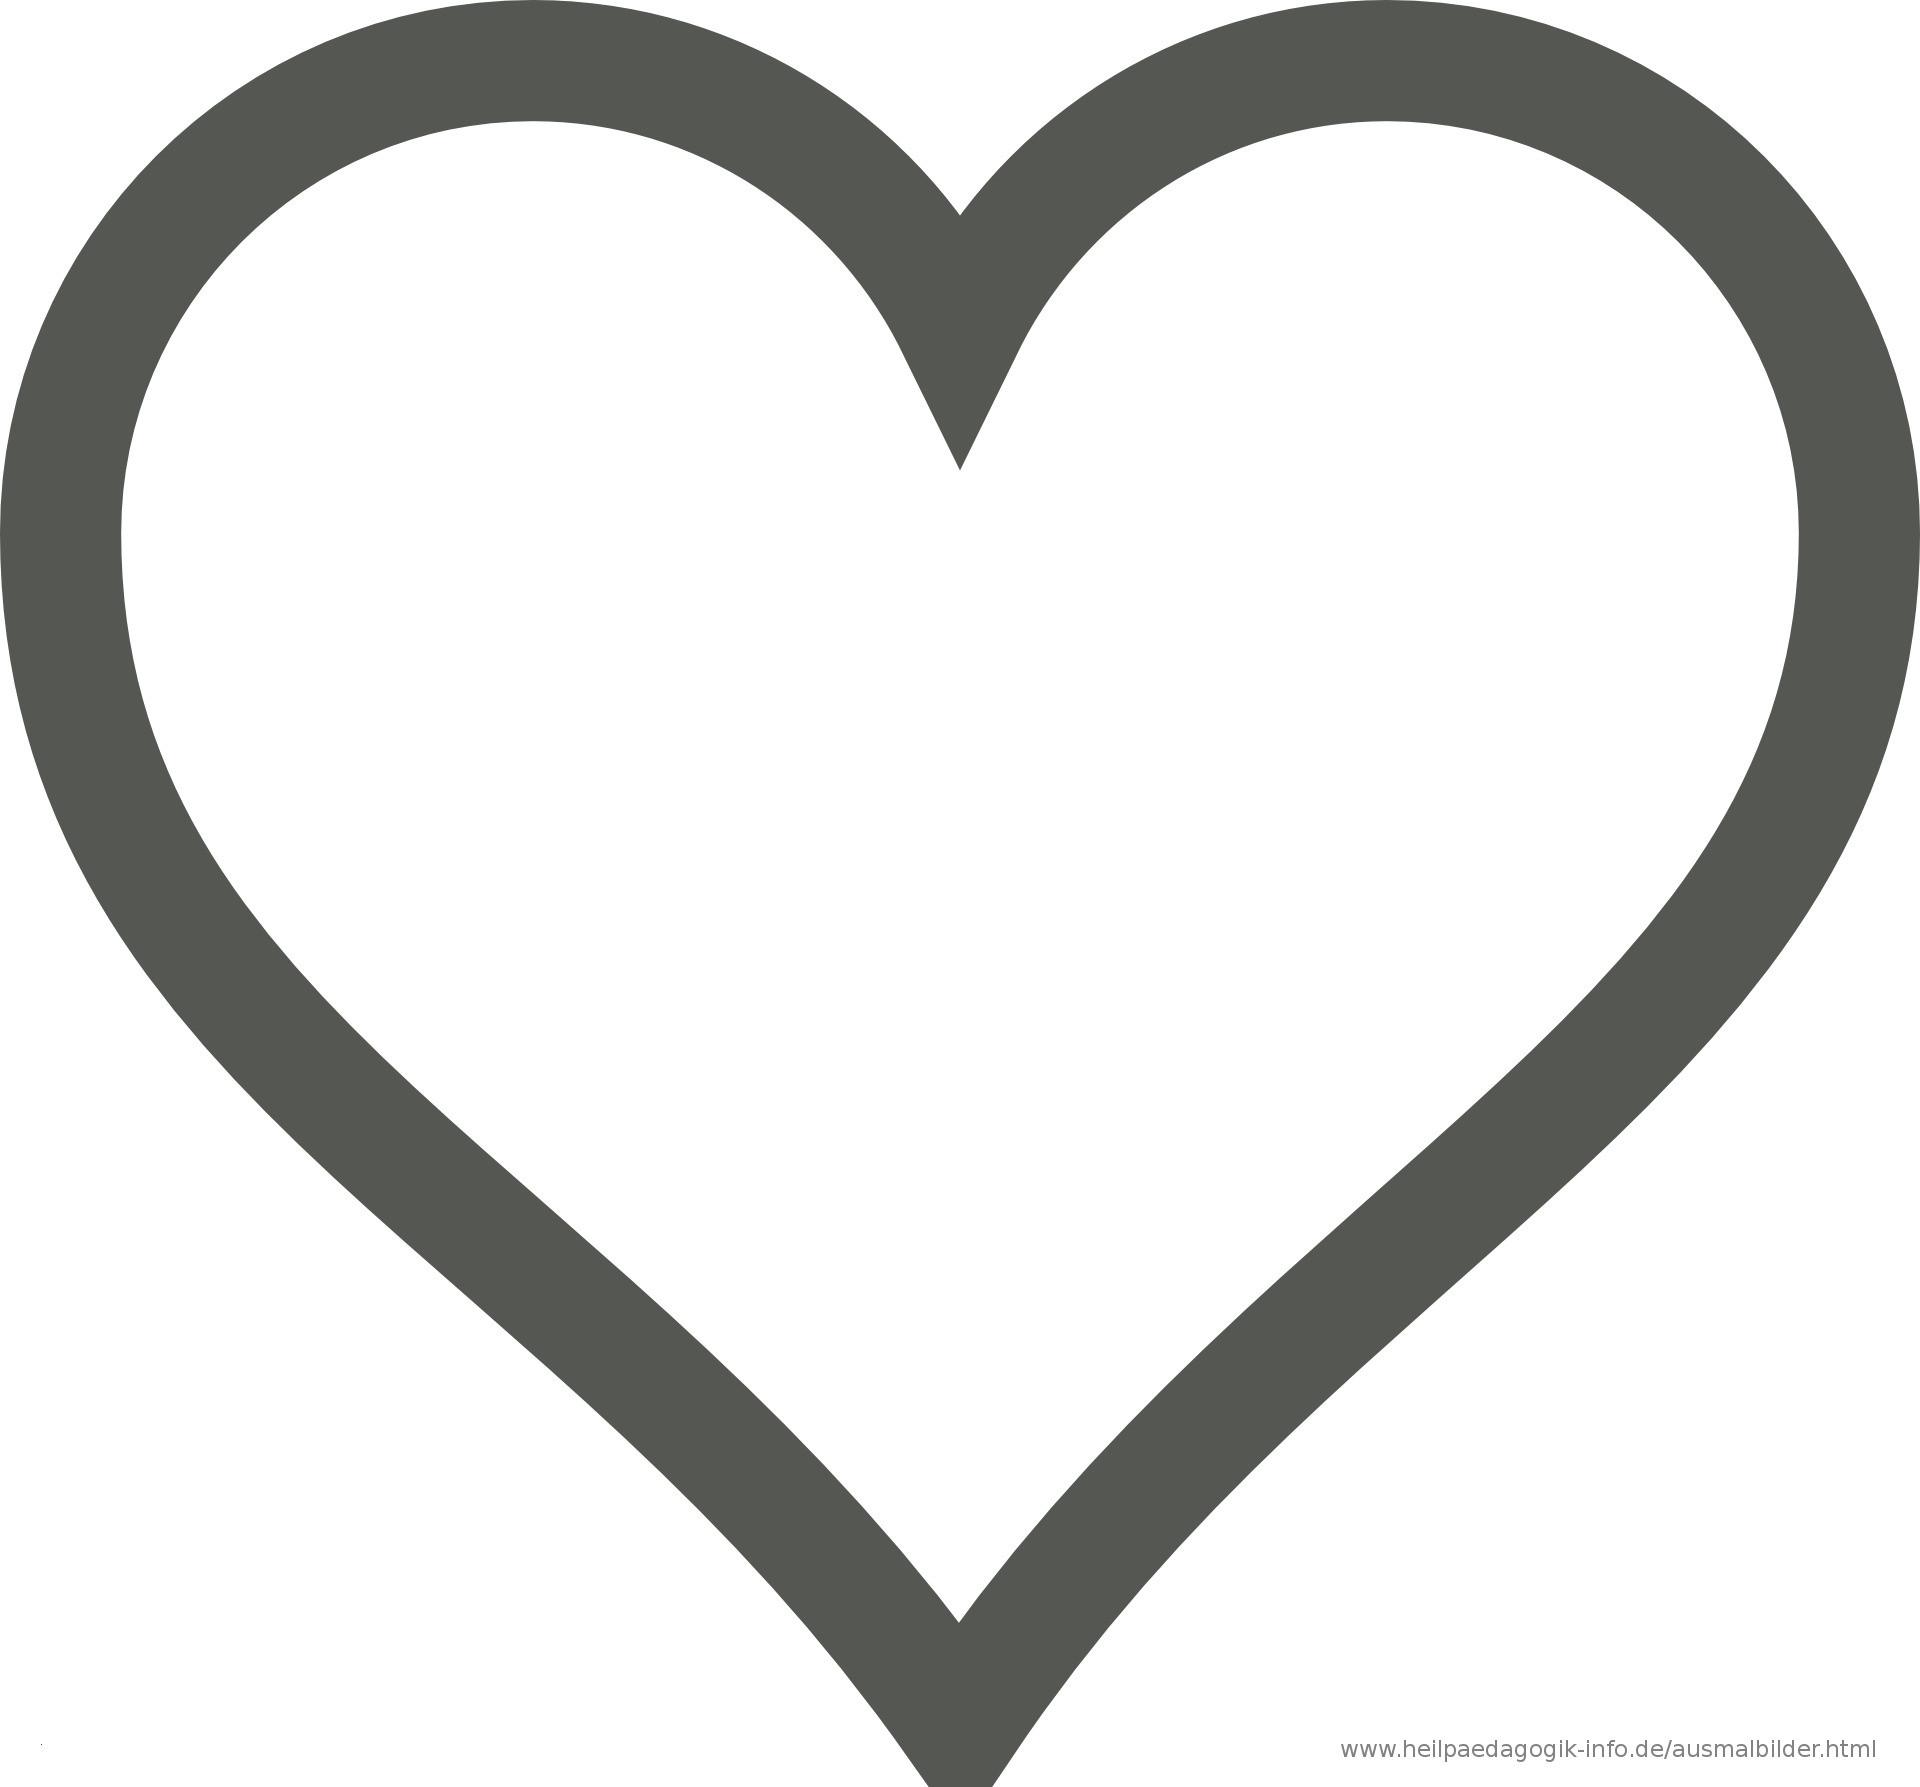 Herzen Zum Ausmalen Das Beste Von Herz Malvorlagen Einfach Pin Herz Herzen Ausmalbilder Herzen Bilder Bild